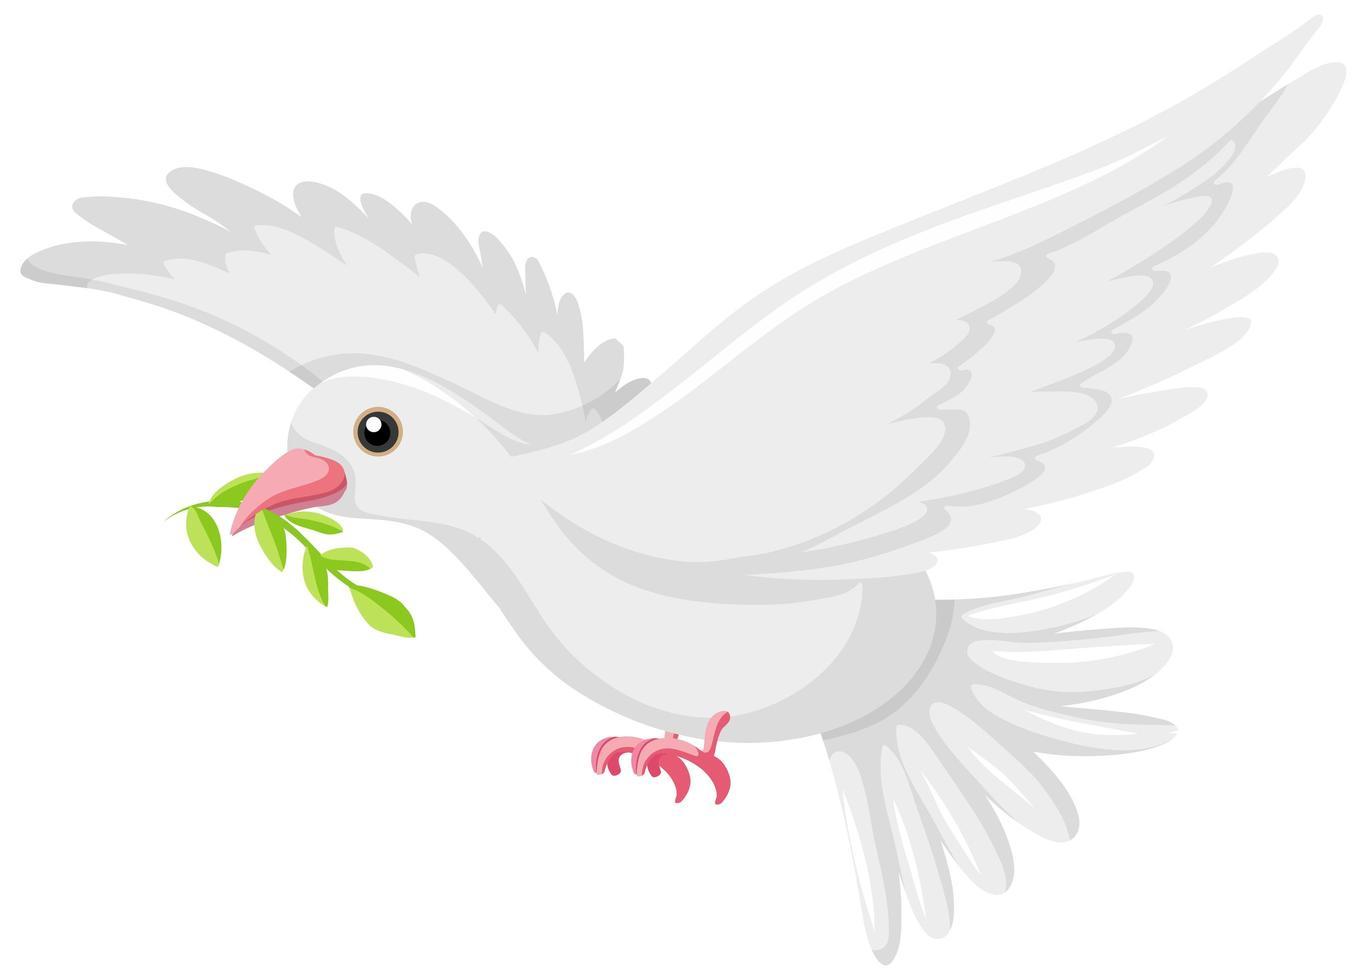 Icone De Colombe Blanche Sur Fond Blanc Telecharger Vectoriel Gratuit Clipart Graphique Vecteur Dessins Et Pictogramme Gratuit